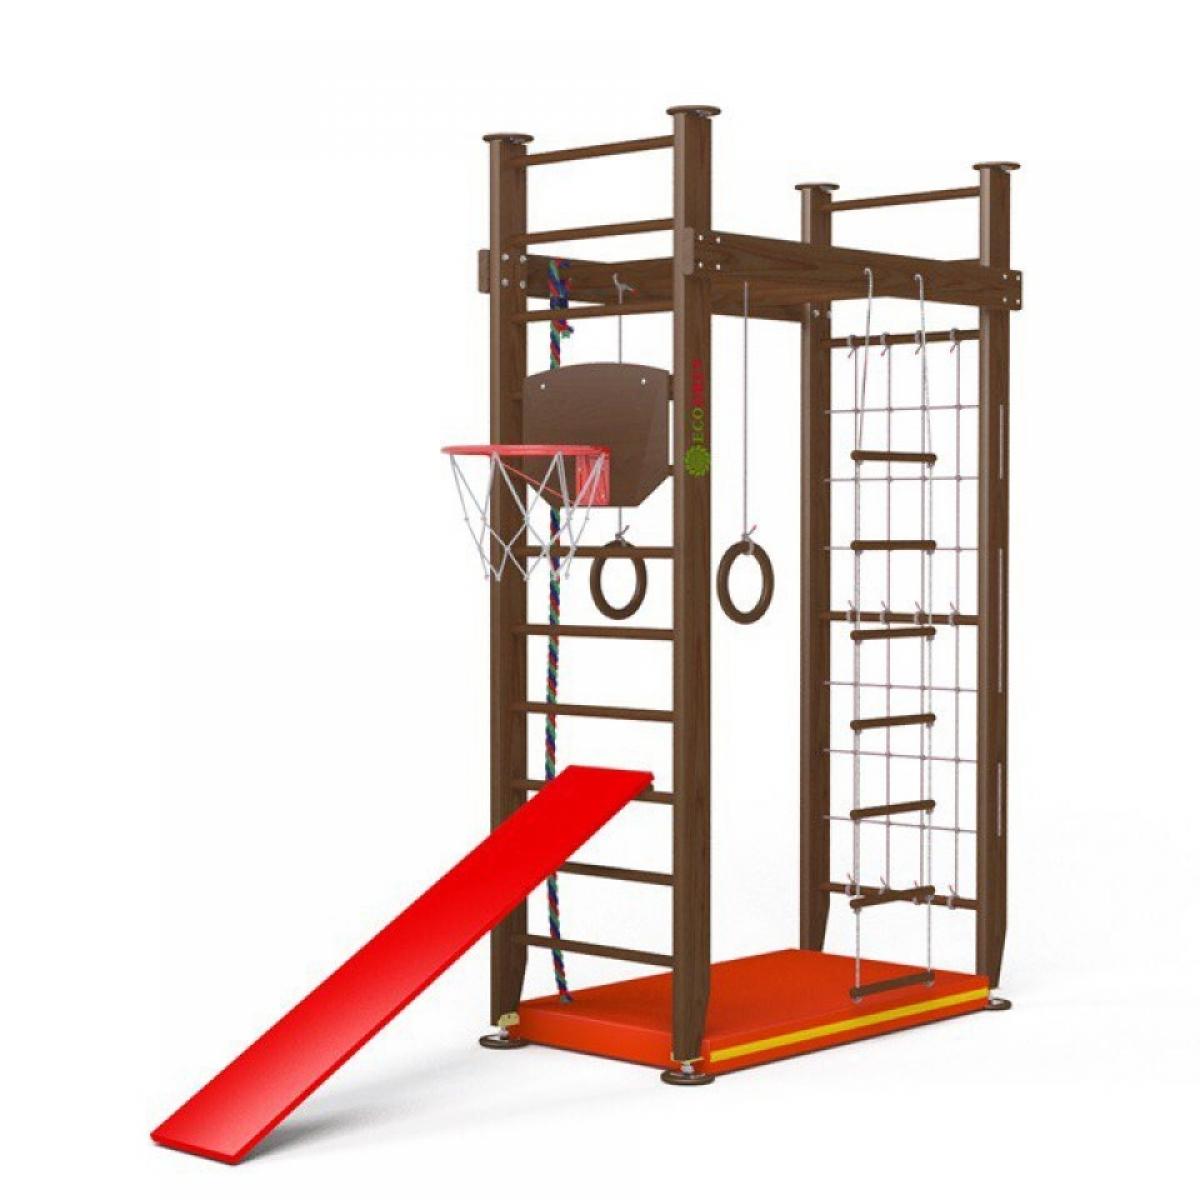 Детский спортивный комплекс Крепыш П-образный без турника враспор (лак) для детей от 3 лет